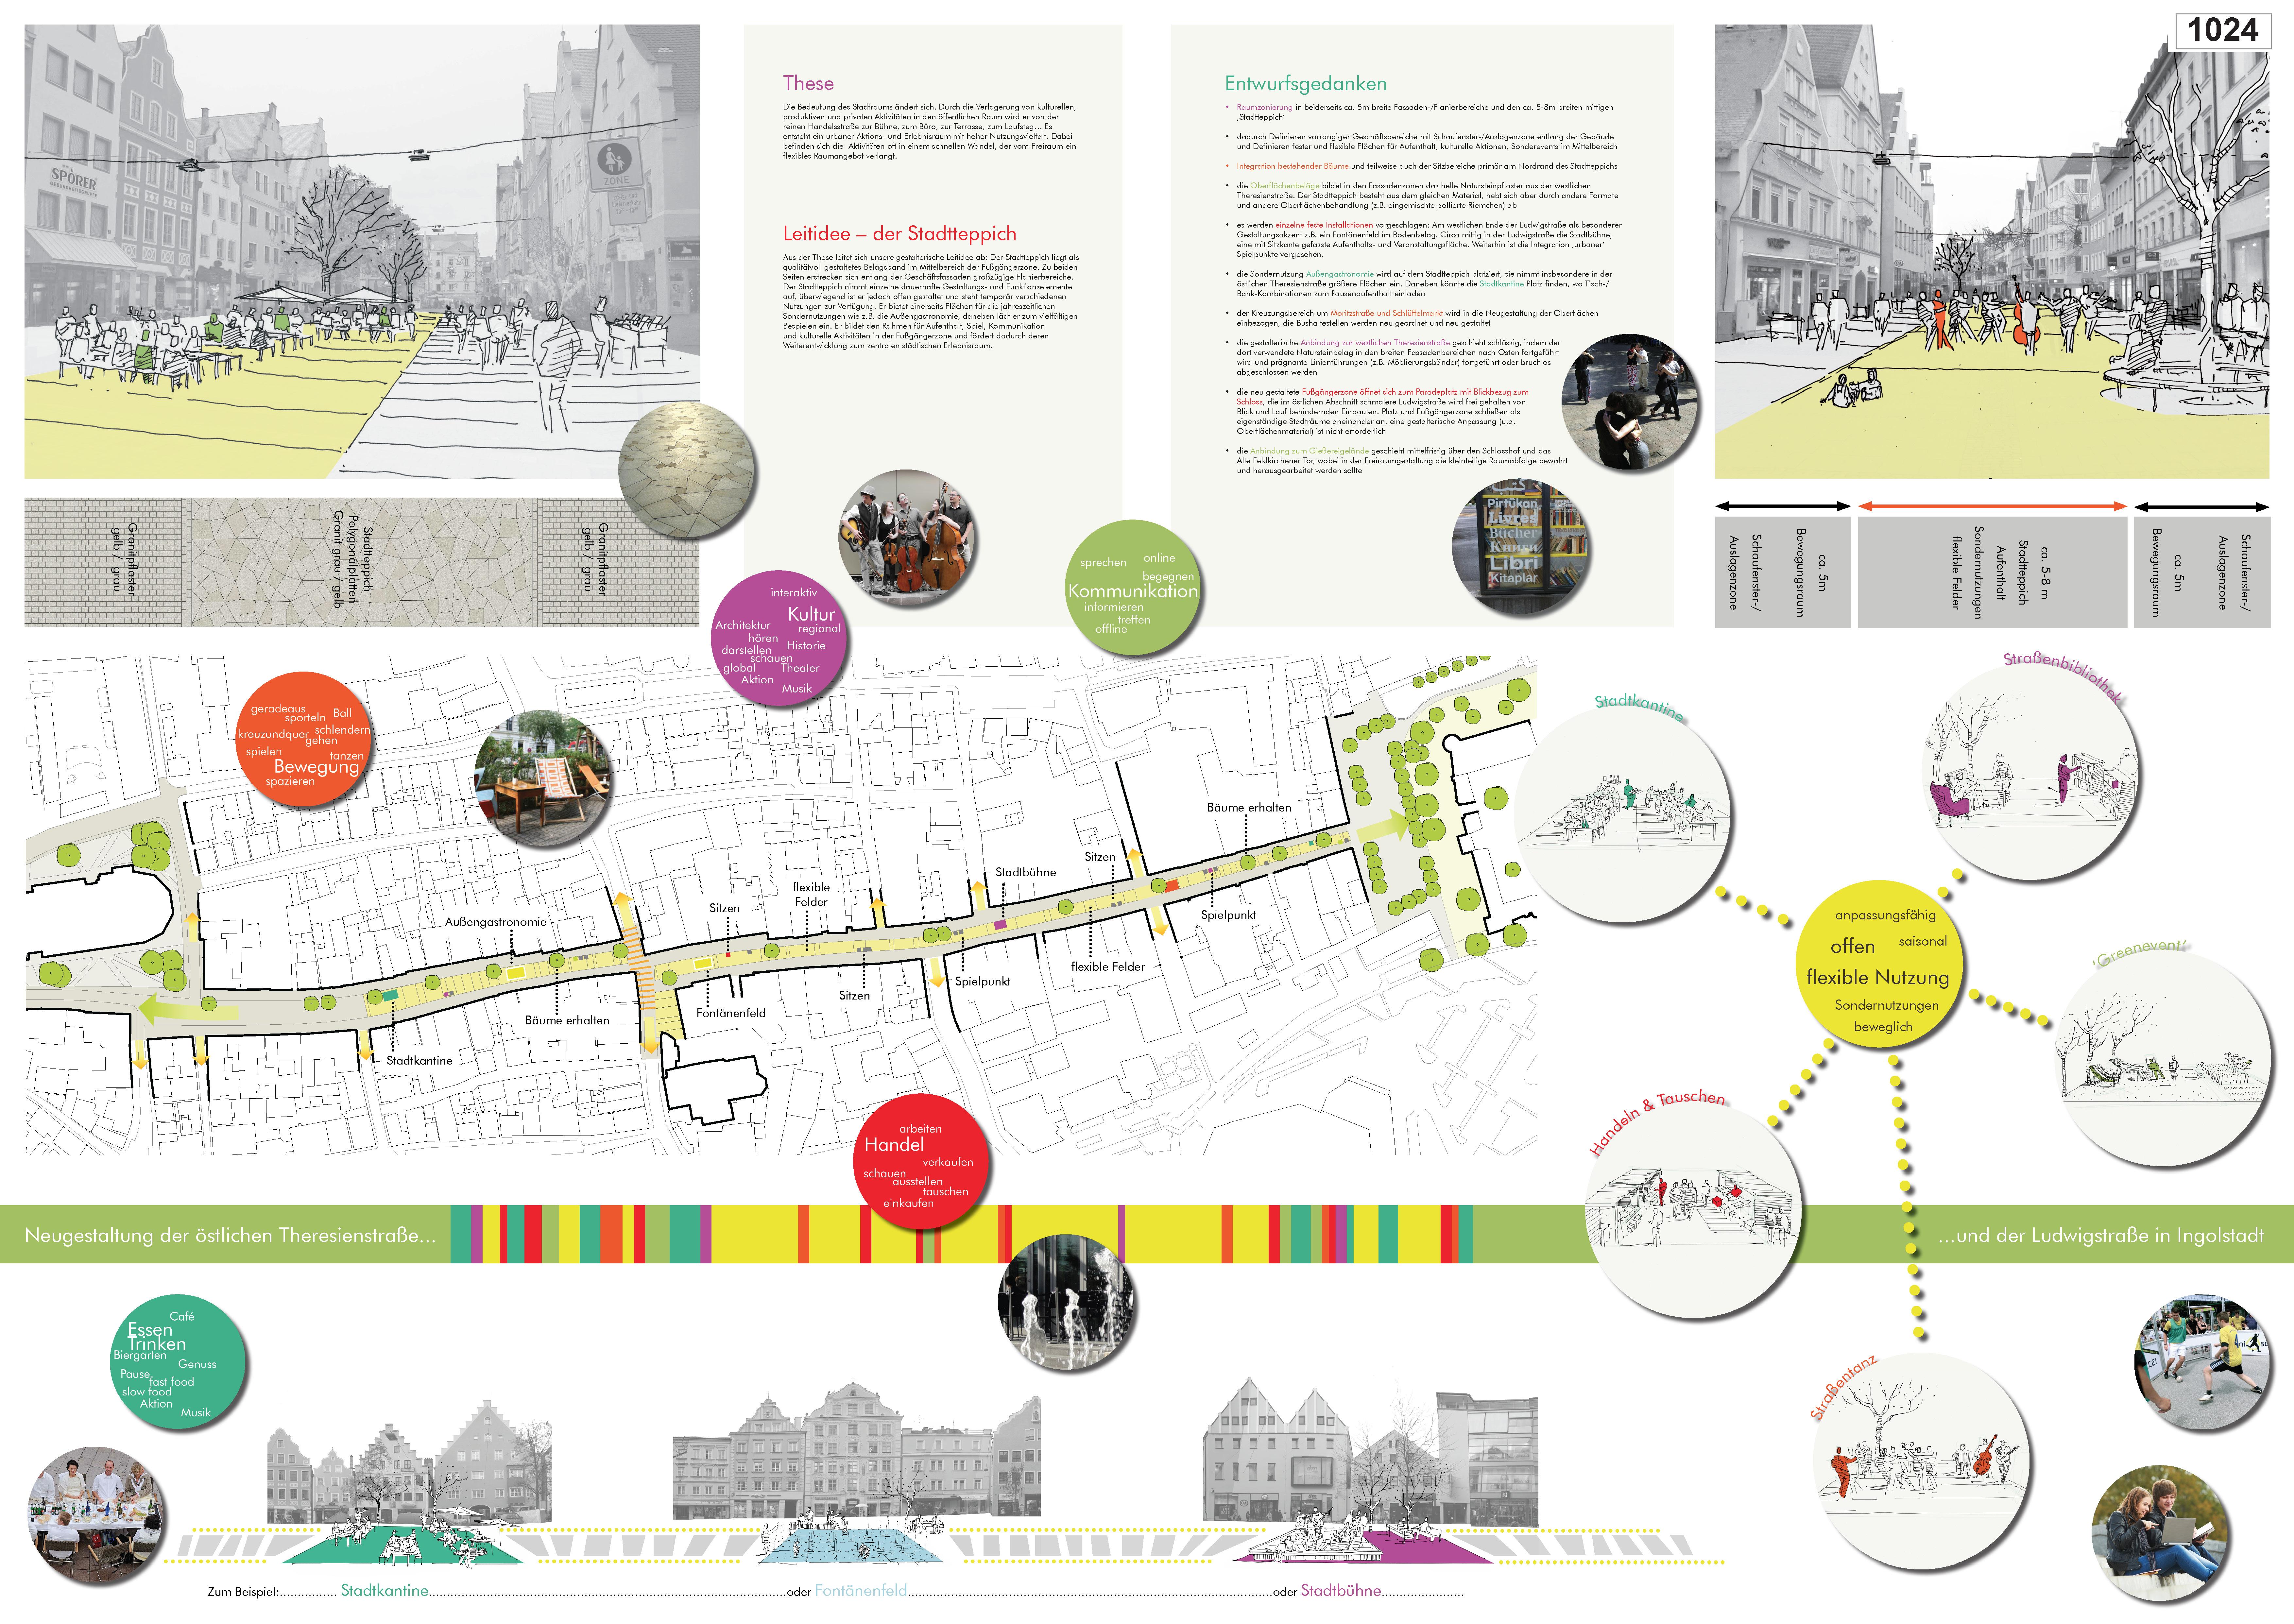 Preisgruppe 1. Stufe Planungswettbewerb Neugestaltung Fußgängerzone Arbeit 9 (1024)